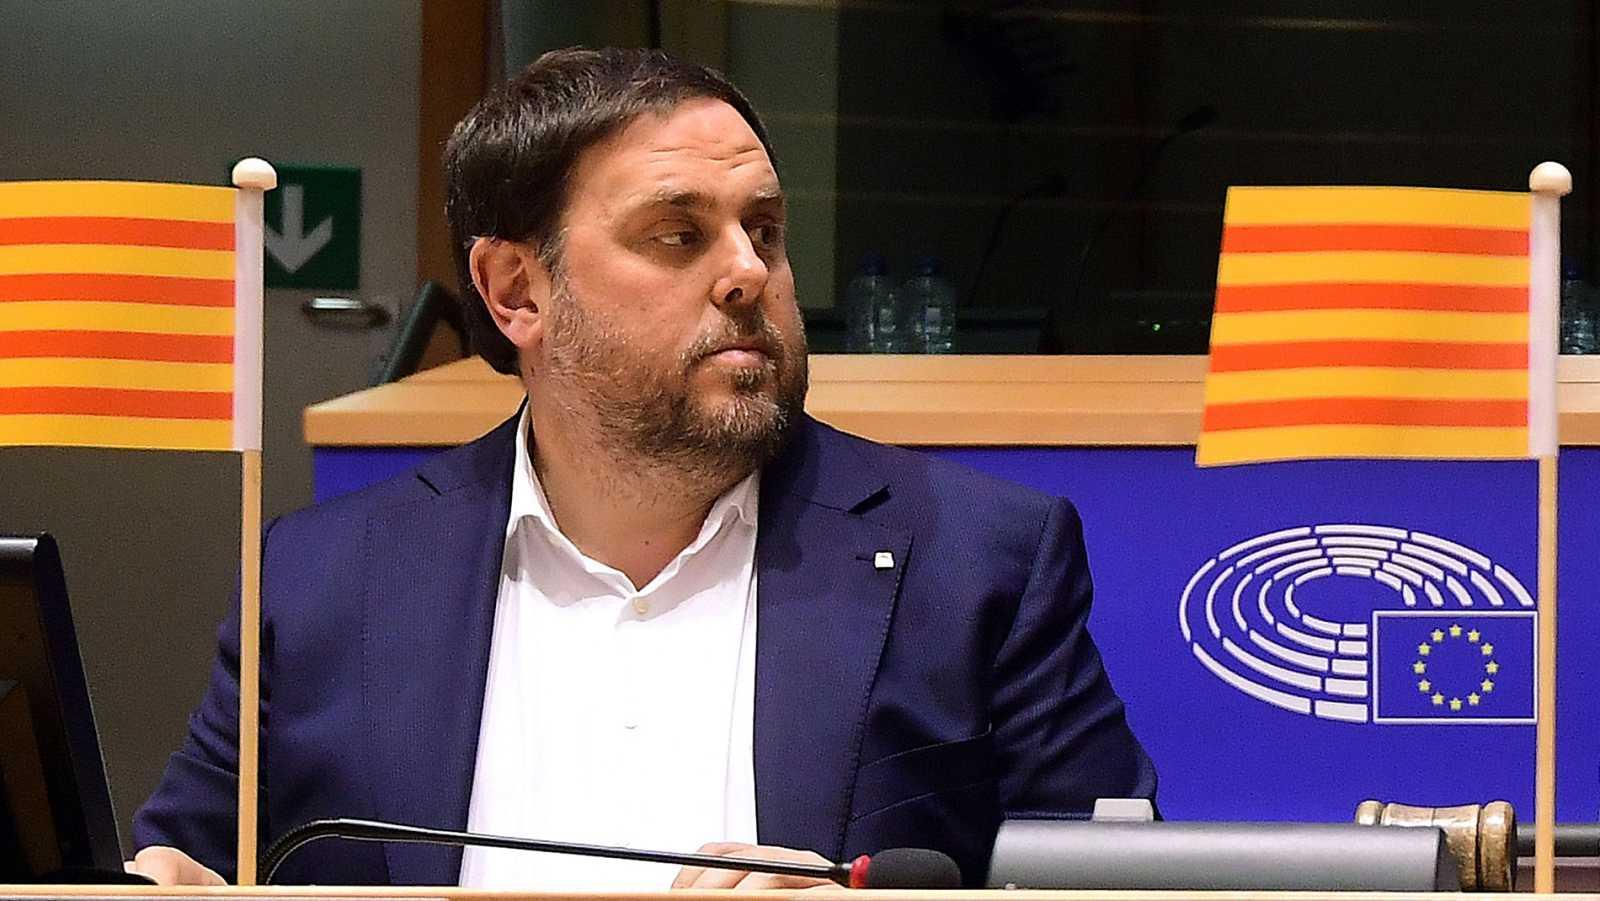 El Supremo mantiene en prisión a Junqueras y comunica al Parlamento Europeo que no tiene inmunidad